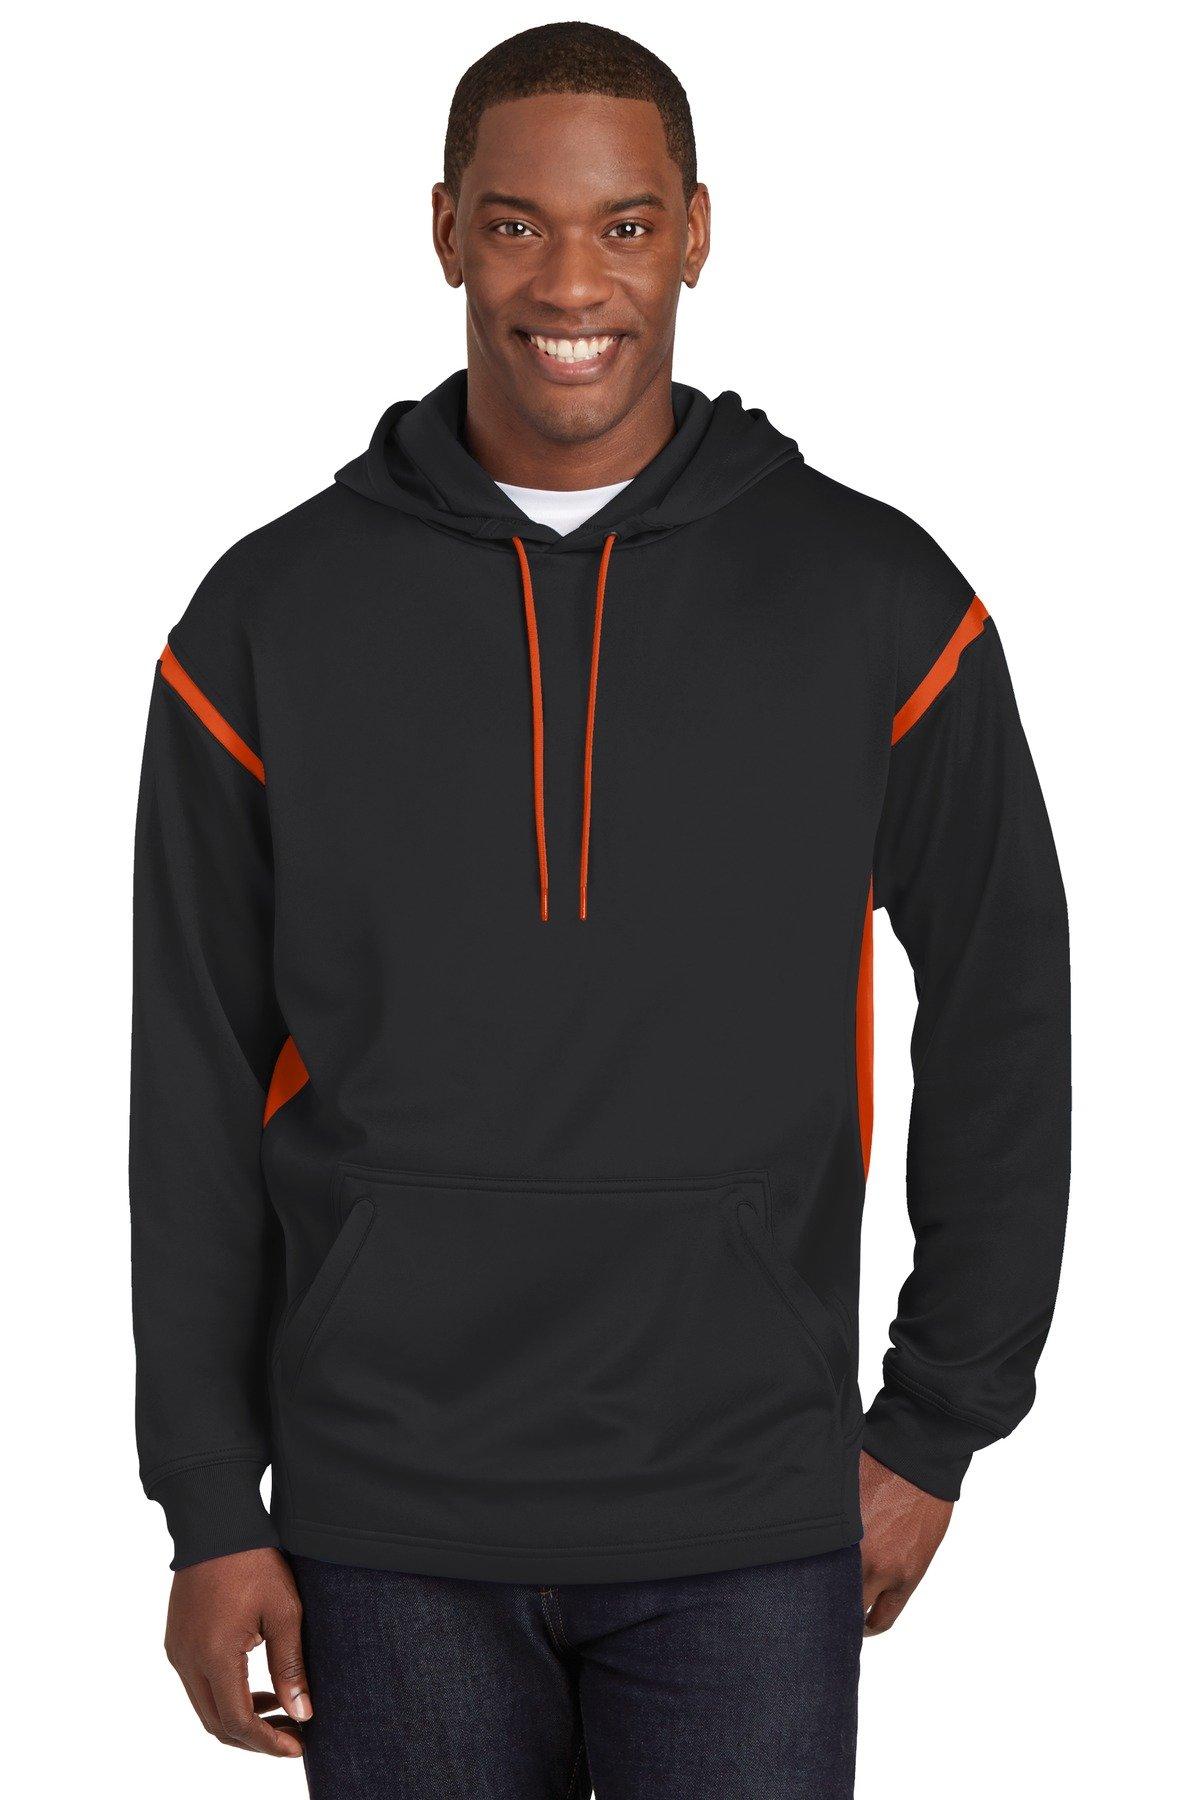 SportTek Tall Tech Fleece Colorblock Hooded Sweatshirt